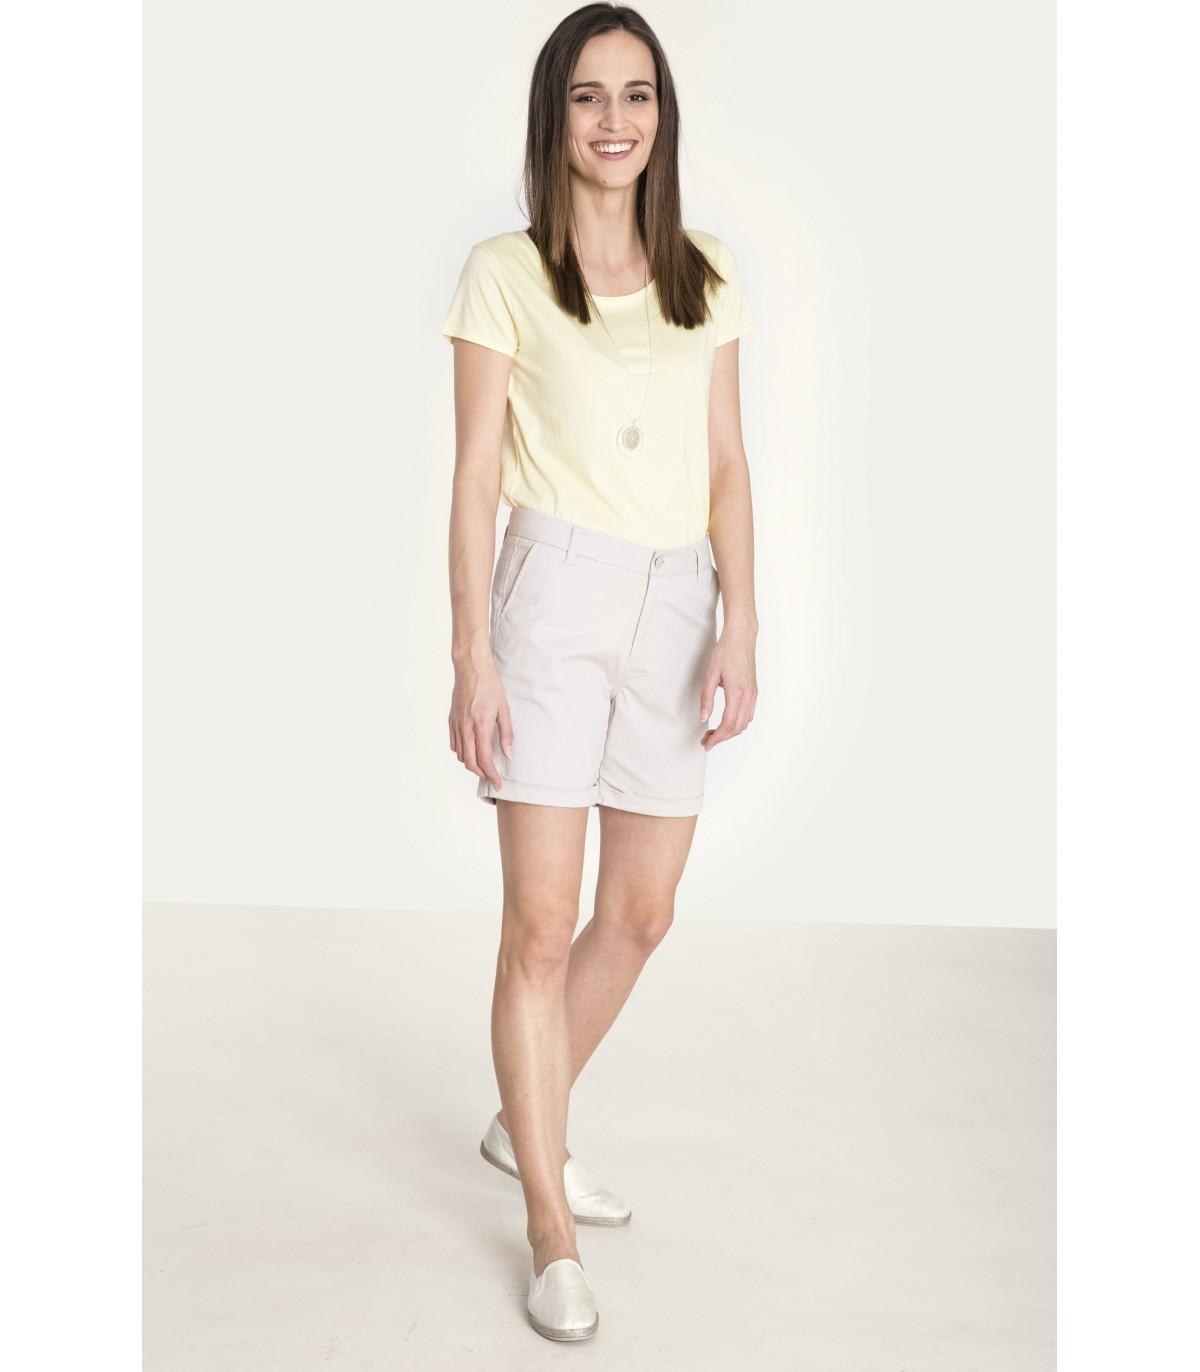 55f477732ee3 Klasické bavlněné šortky - 6425 - Grenpointfashion